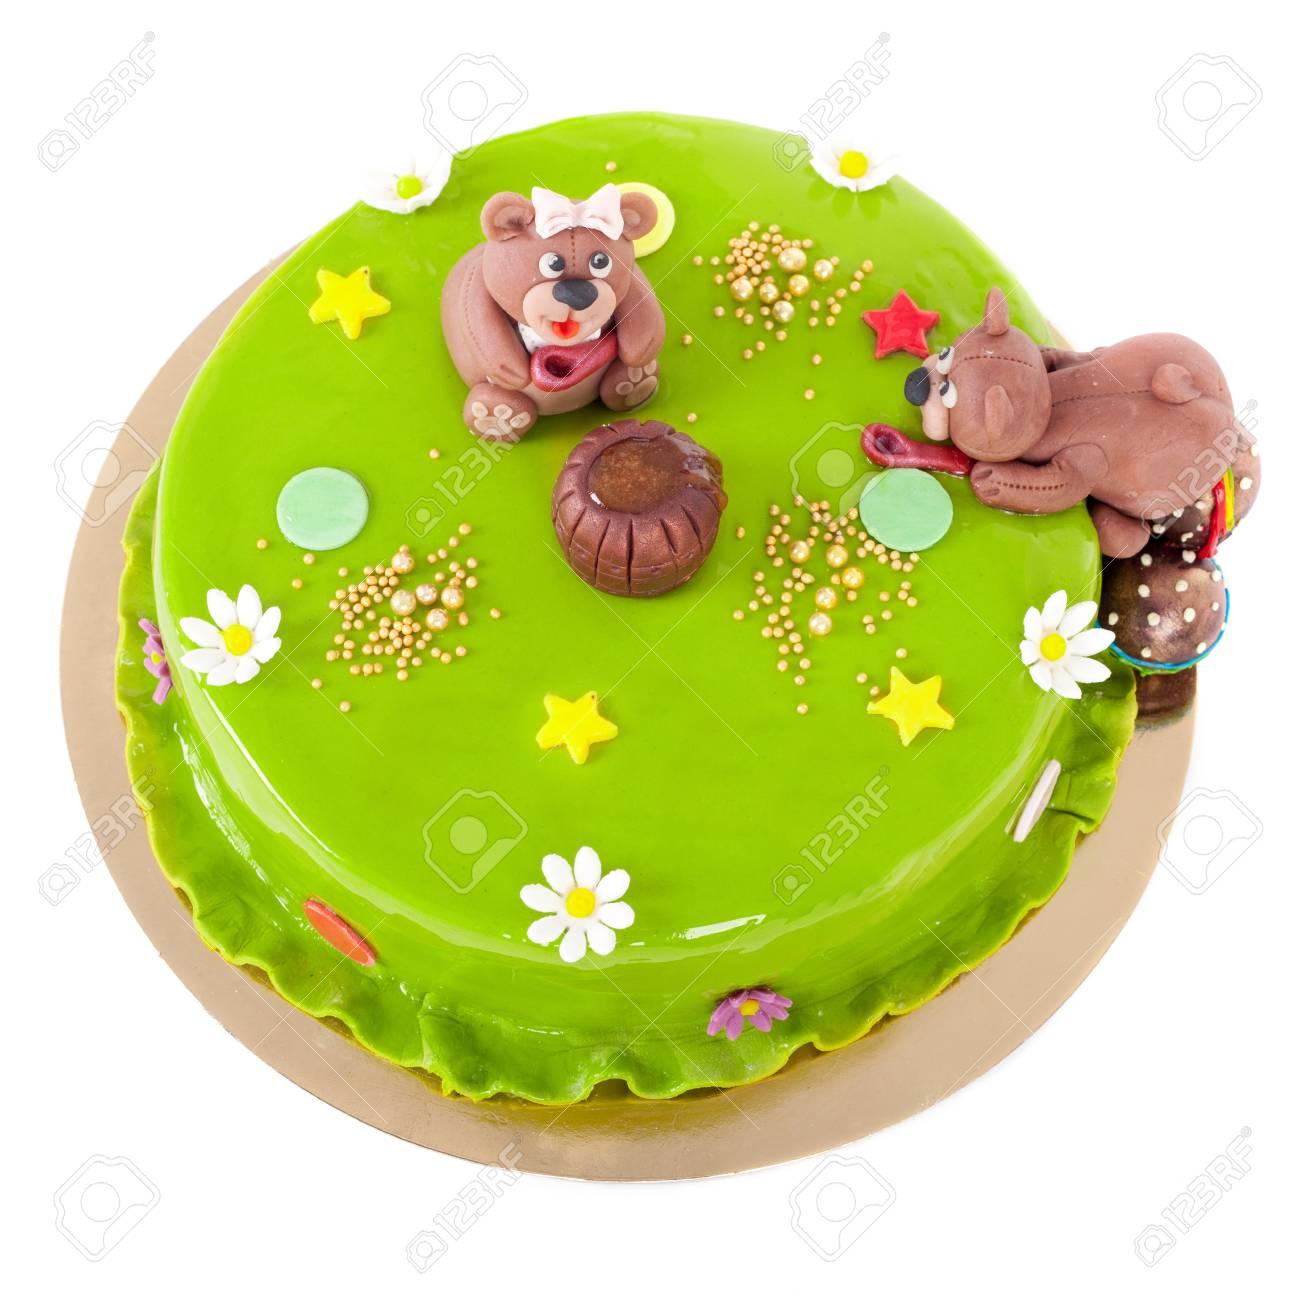 Kostlicher Kuchen Fur Den Kindergeburtstag Gemacht Lizenzfreie Fotos